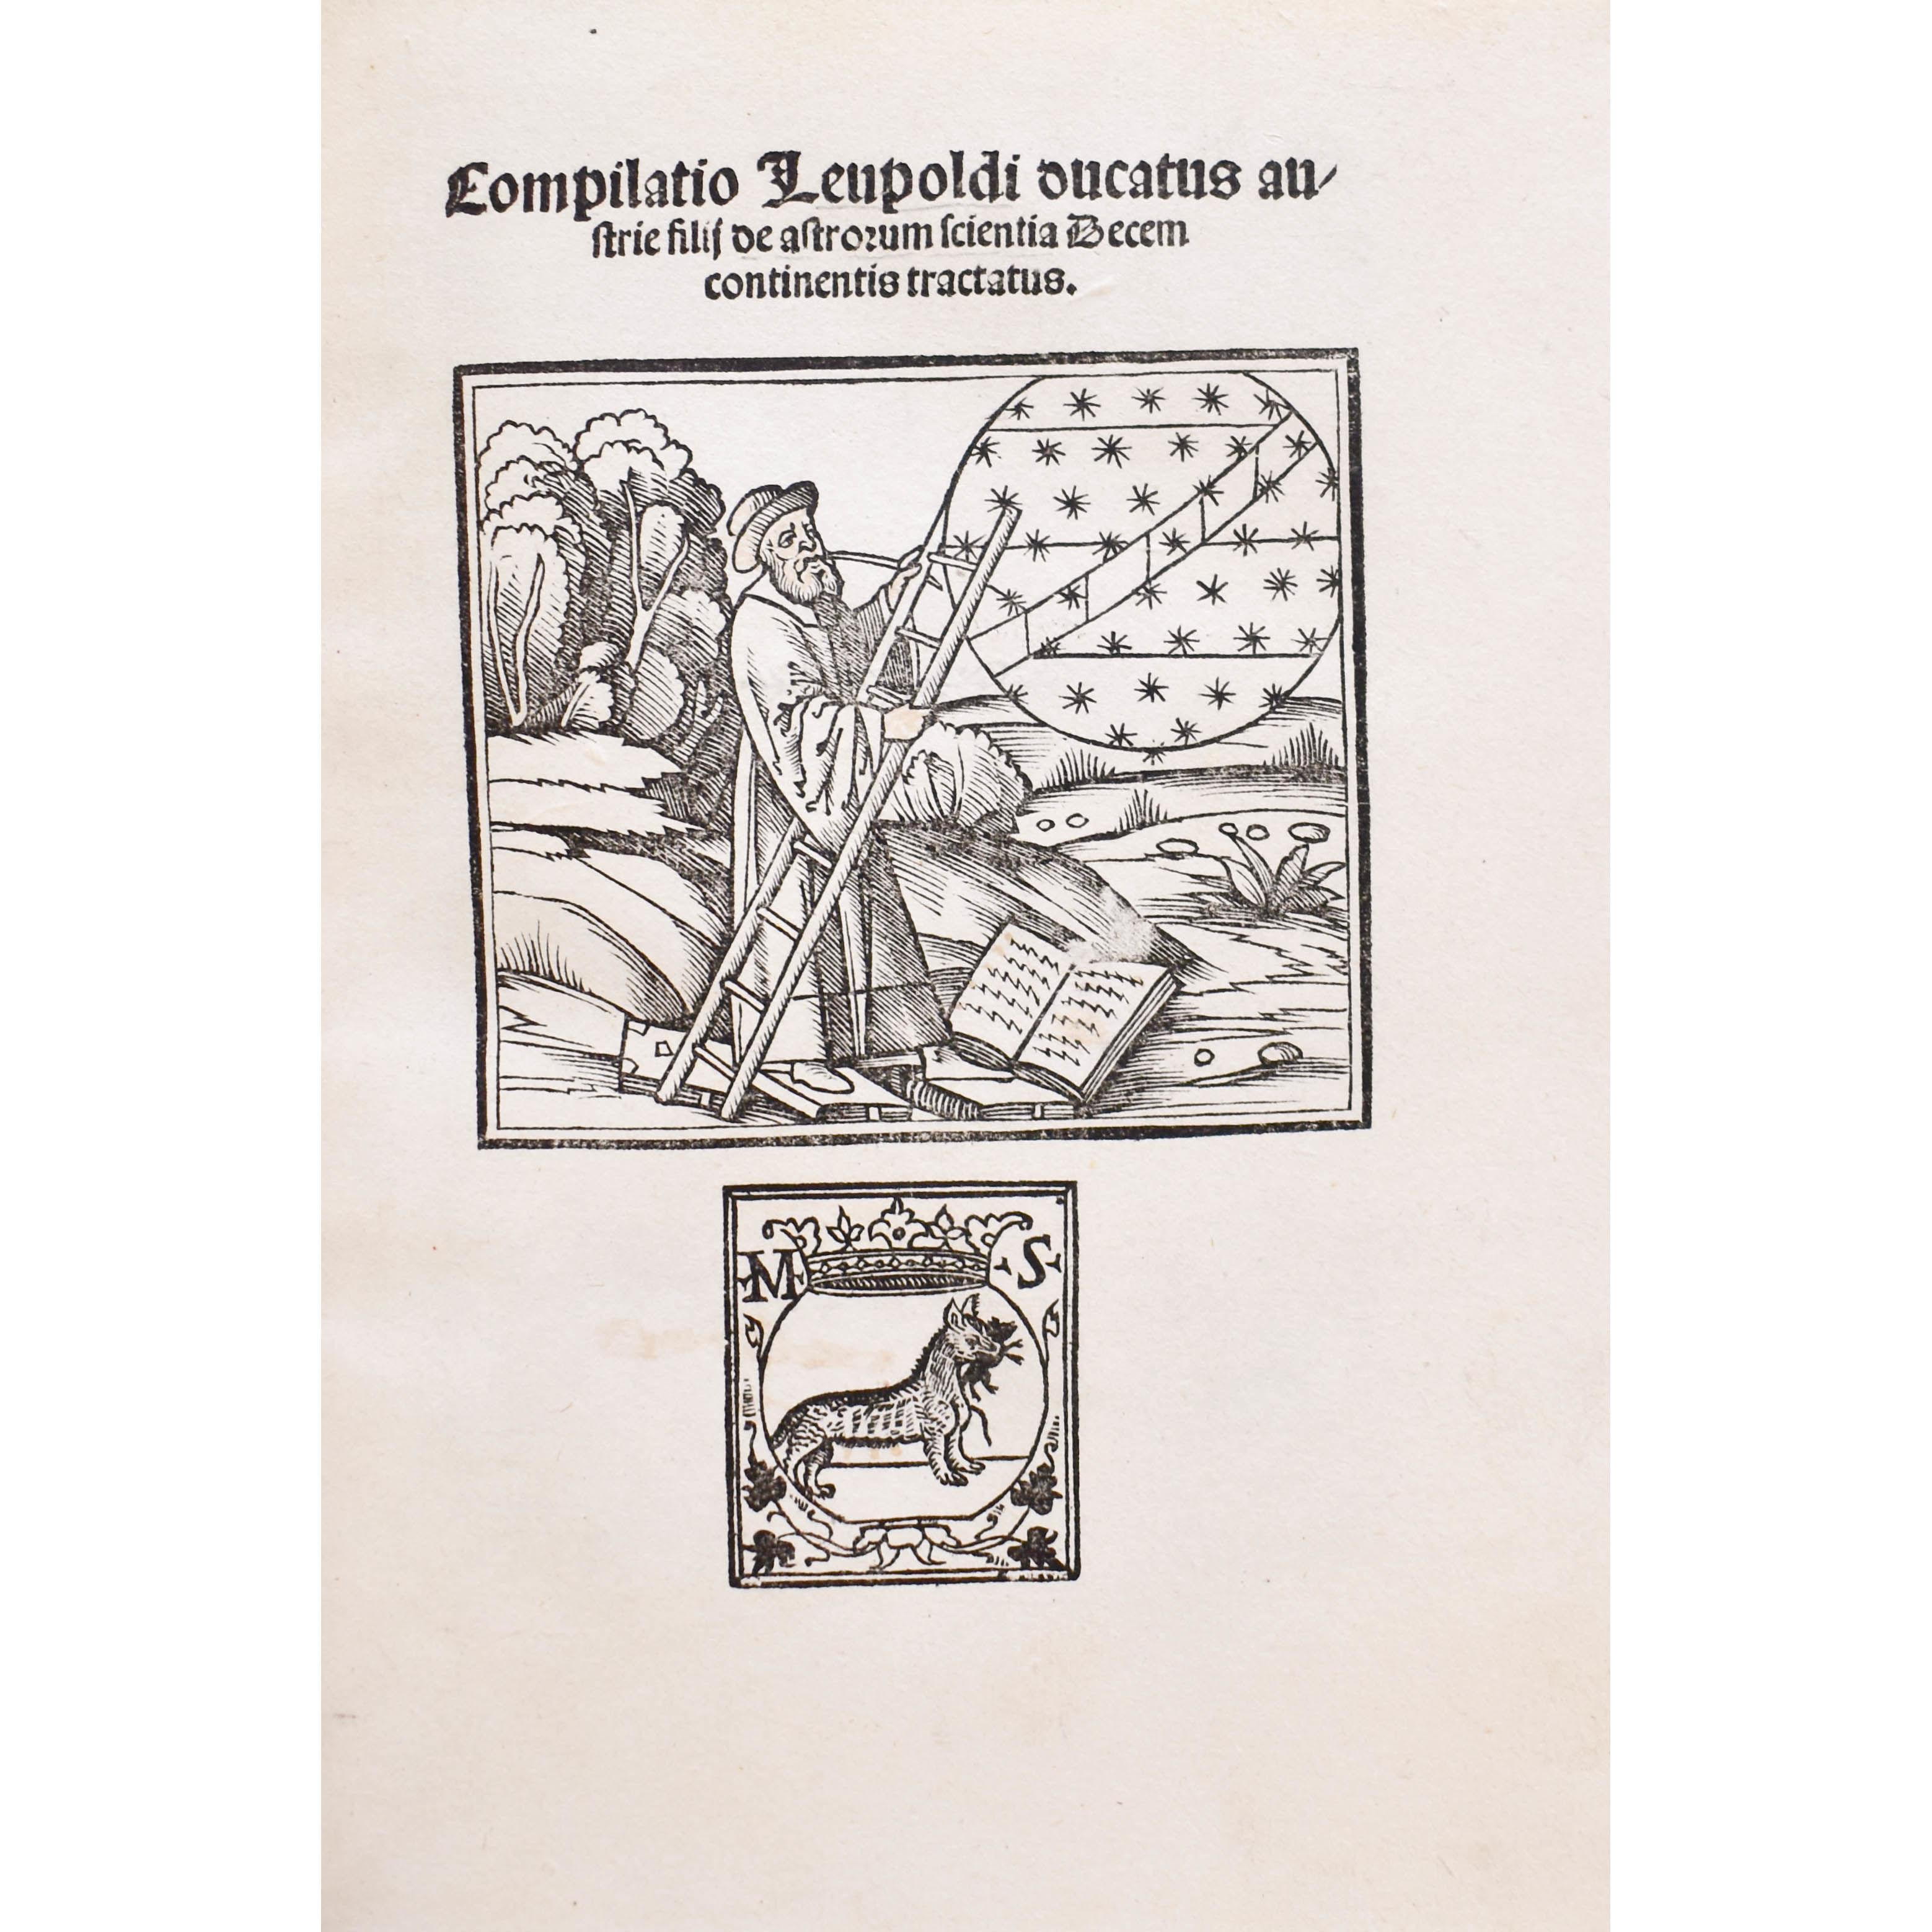 Compilatio Leupoldi ducatus austrie de astrorum scientia Decem continentis tractatus. (photo 4)